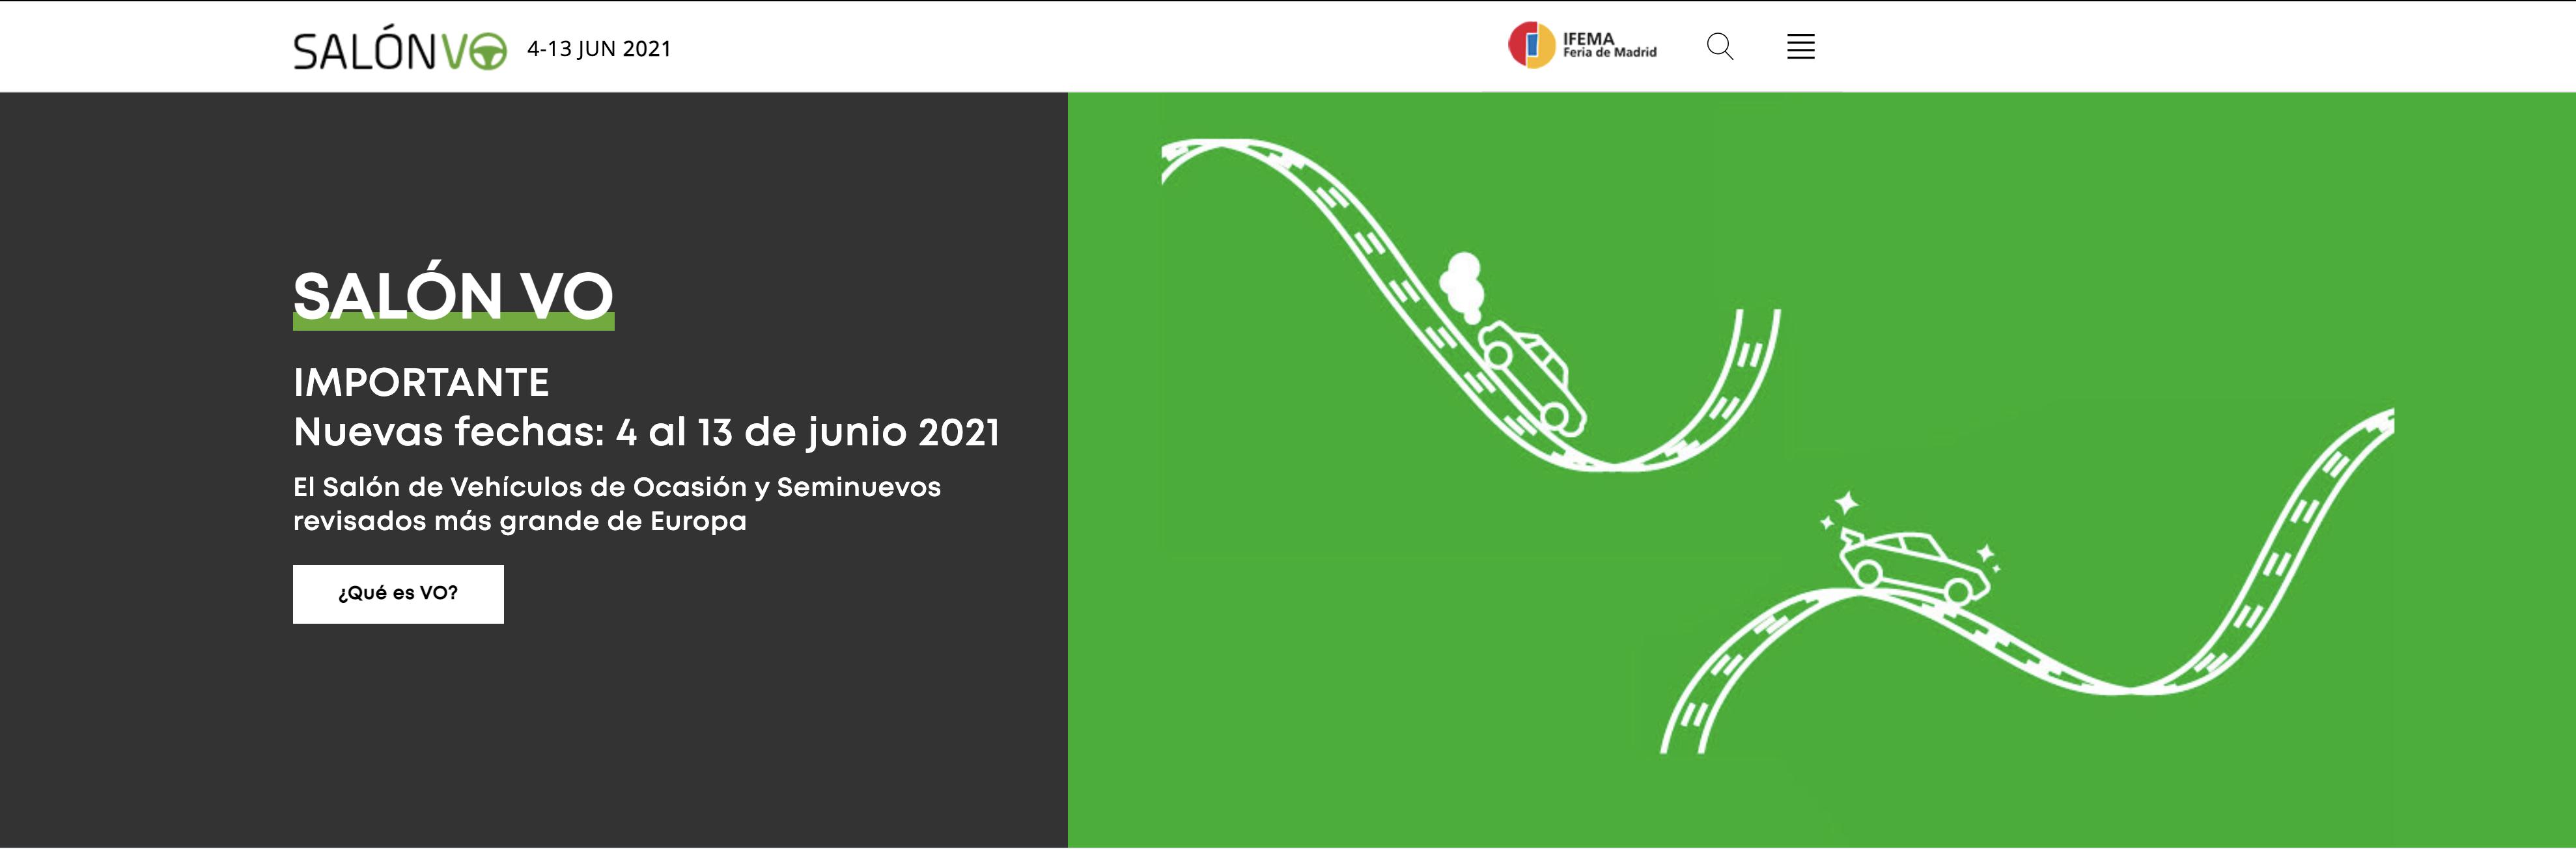 Salón del Vehículo de Ocasión y Seminuevo de Madrid 2021